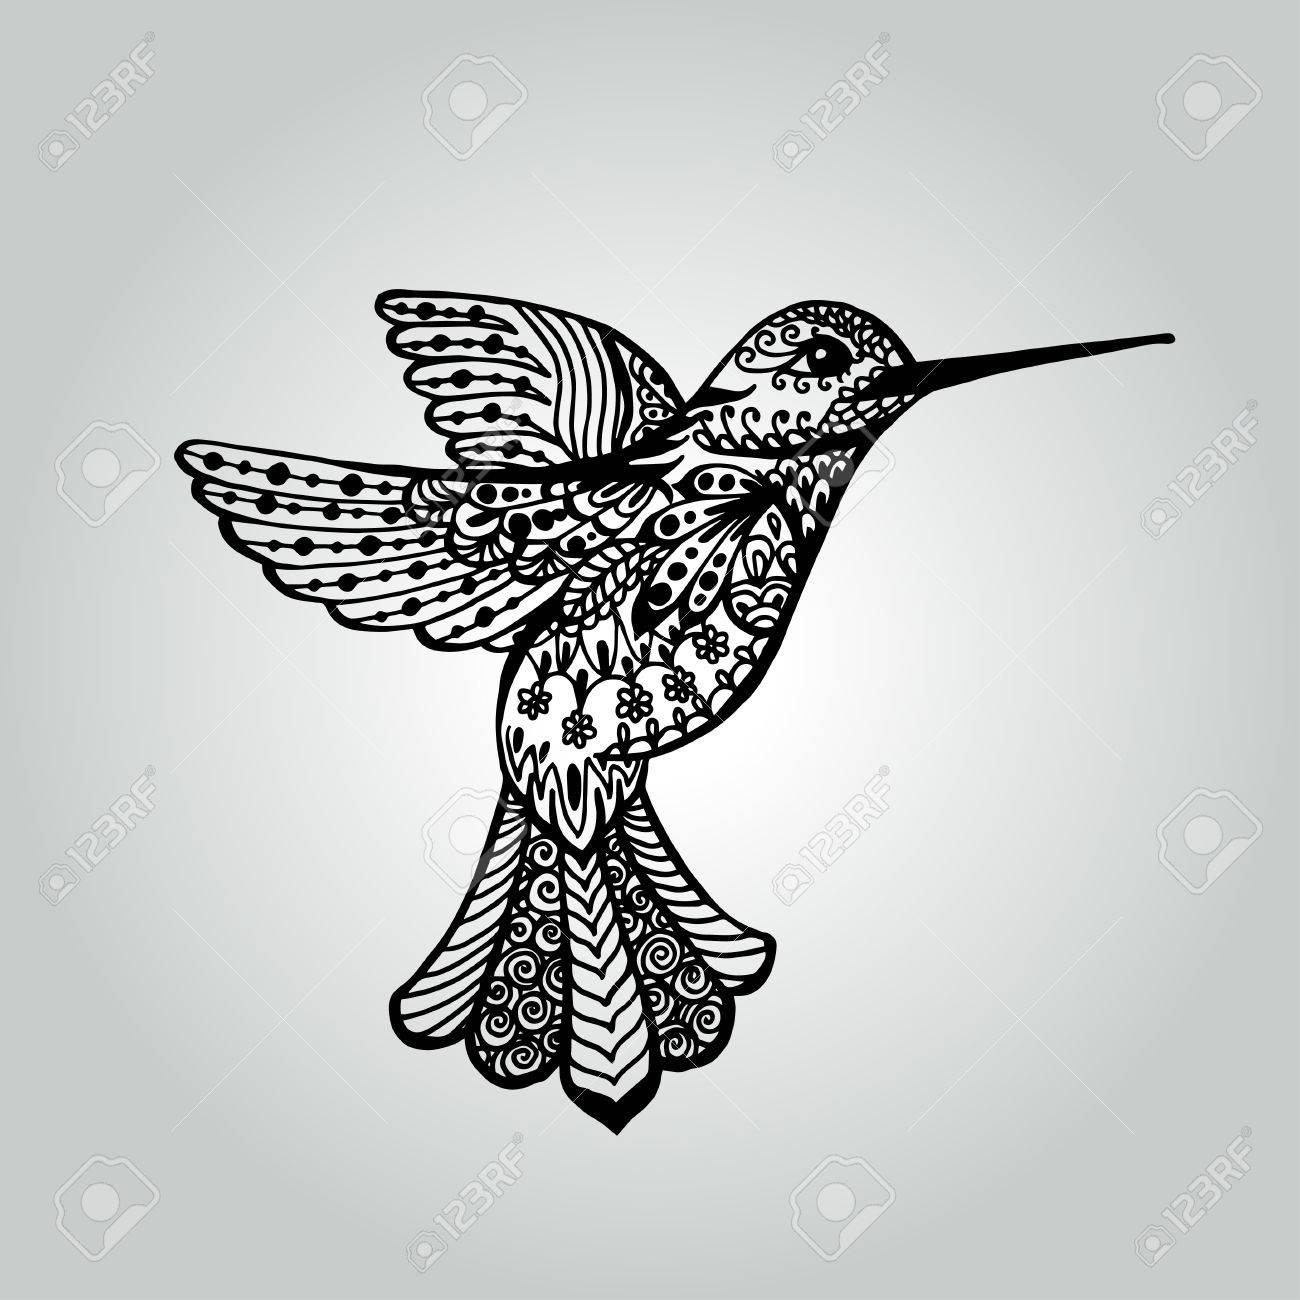 Resumen Doodle Colibrí. Colección De Vida Silvestre Ilustraciones ...